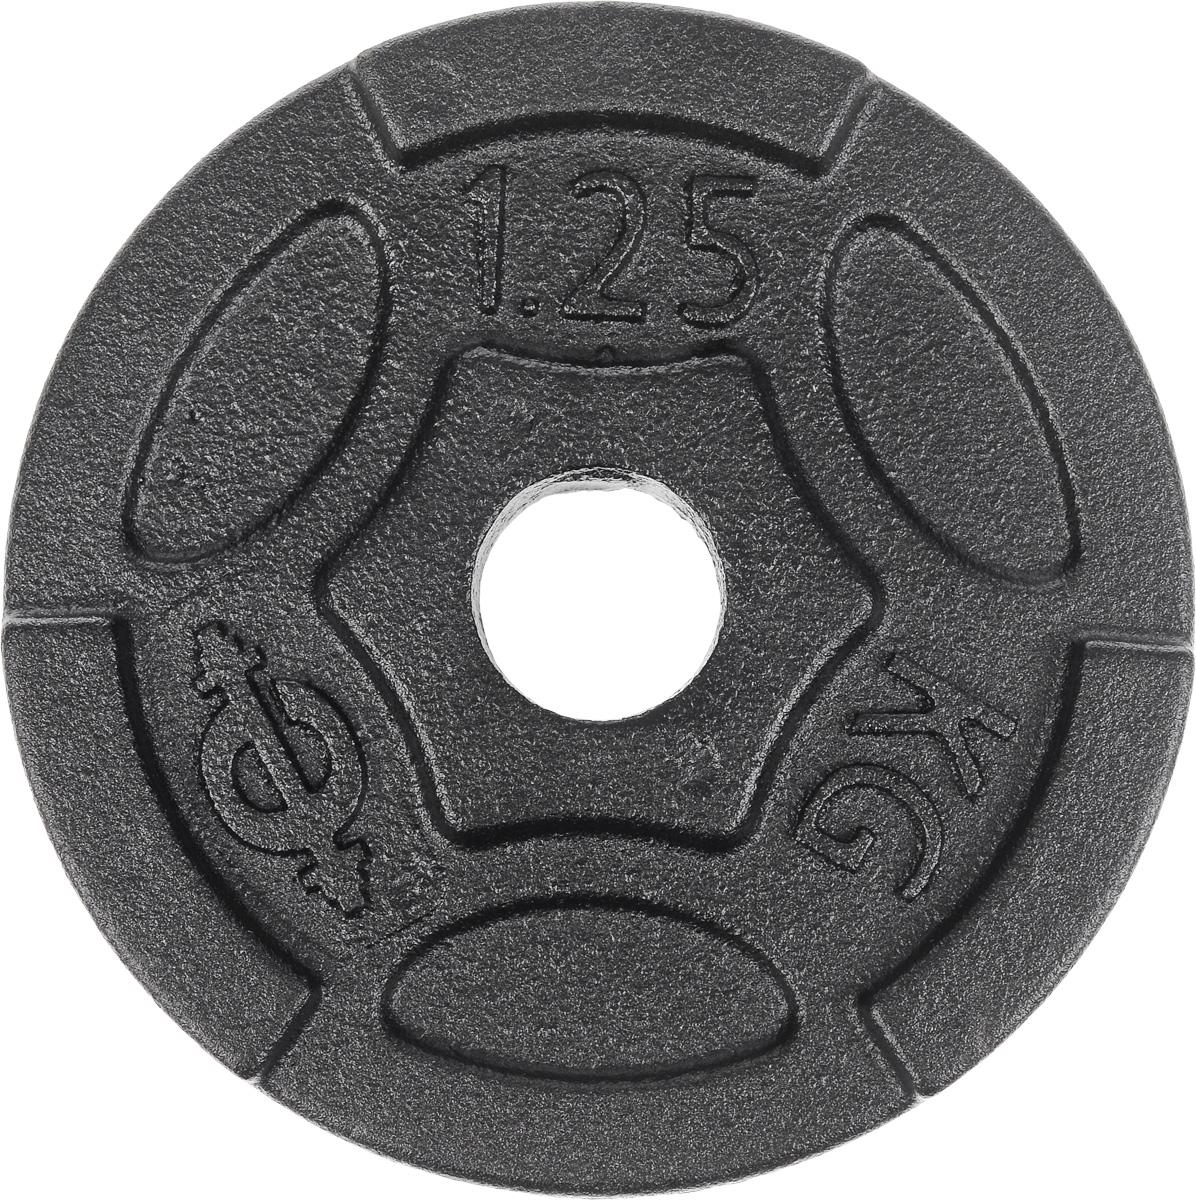 Диск чугунный Euro-Classic, 1,25 кг, посадочный диаметр 26 мм1301188Идеальная геометрия и ровная поверхность диска Euro-Classic достигается путем применения самого современного оборудования, полностью исключающего механическую обработку изделий. Он выполнен из прочного чугуна с покрытием из порошковой краской. Захваты для рук позволяют без труда поднимать диски с пола.Диаметр диска: 12,8 см.Посадочный диаметр: 26 мм.Вес диска: 1,25 кг.Толщина диска: 2 см.